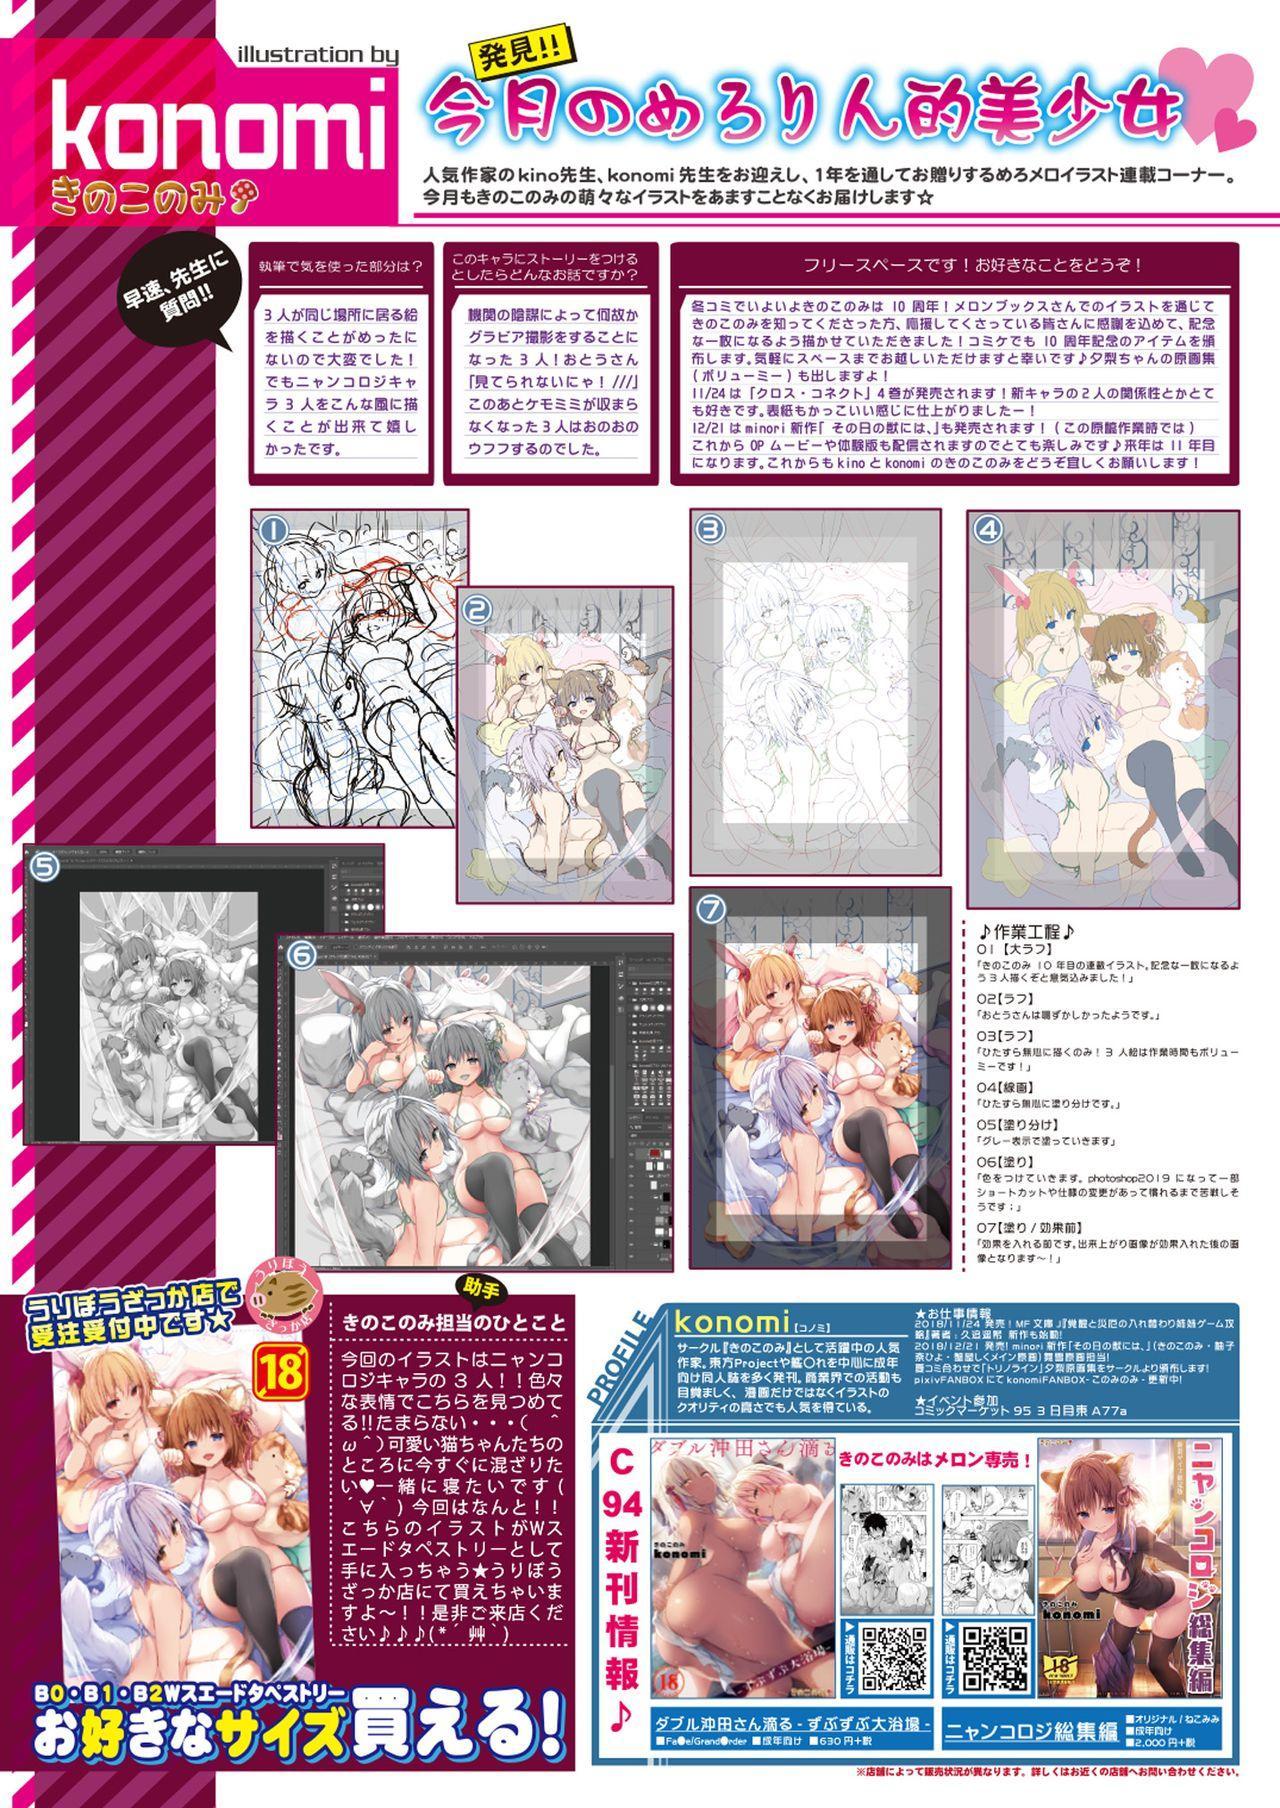 月刊うりぼうざっか店 2018年11月25日発行号 11